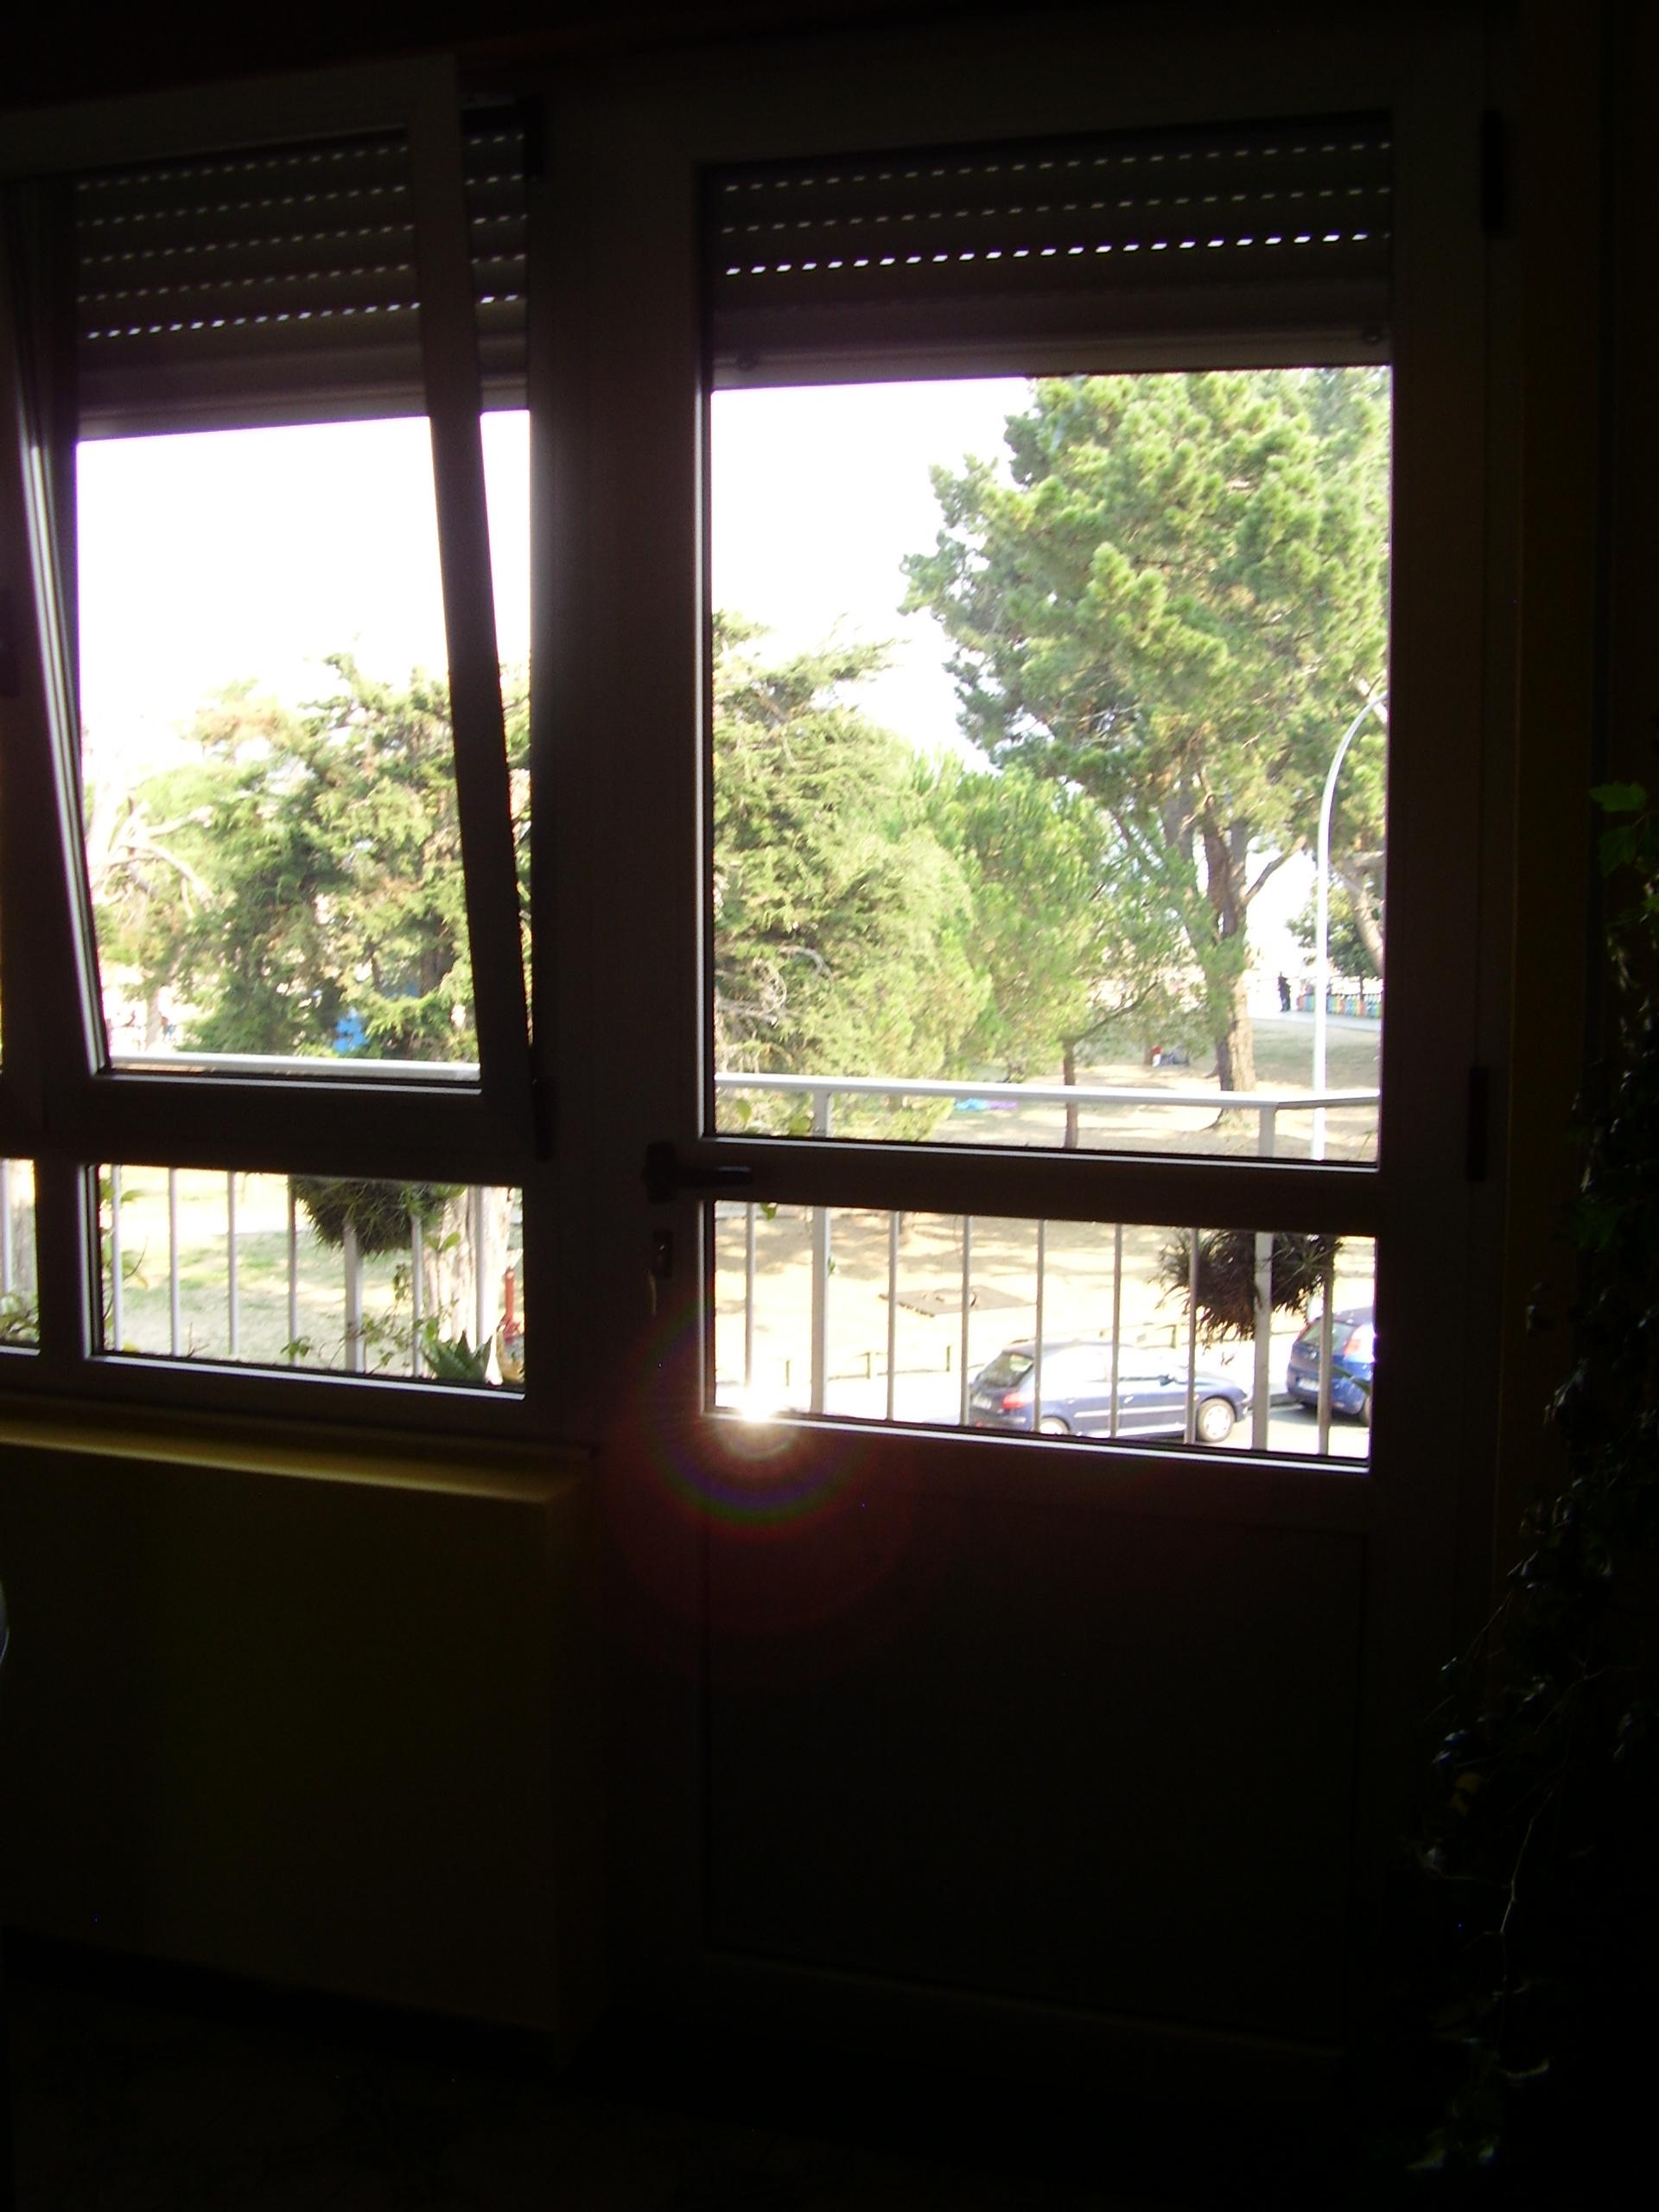 Cerramiento puerta y ventanas practicables oscilo-batiente